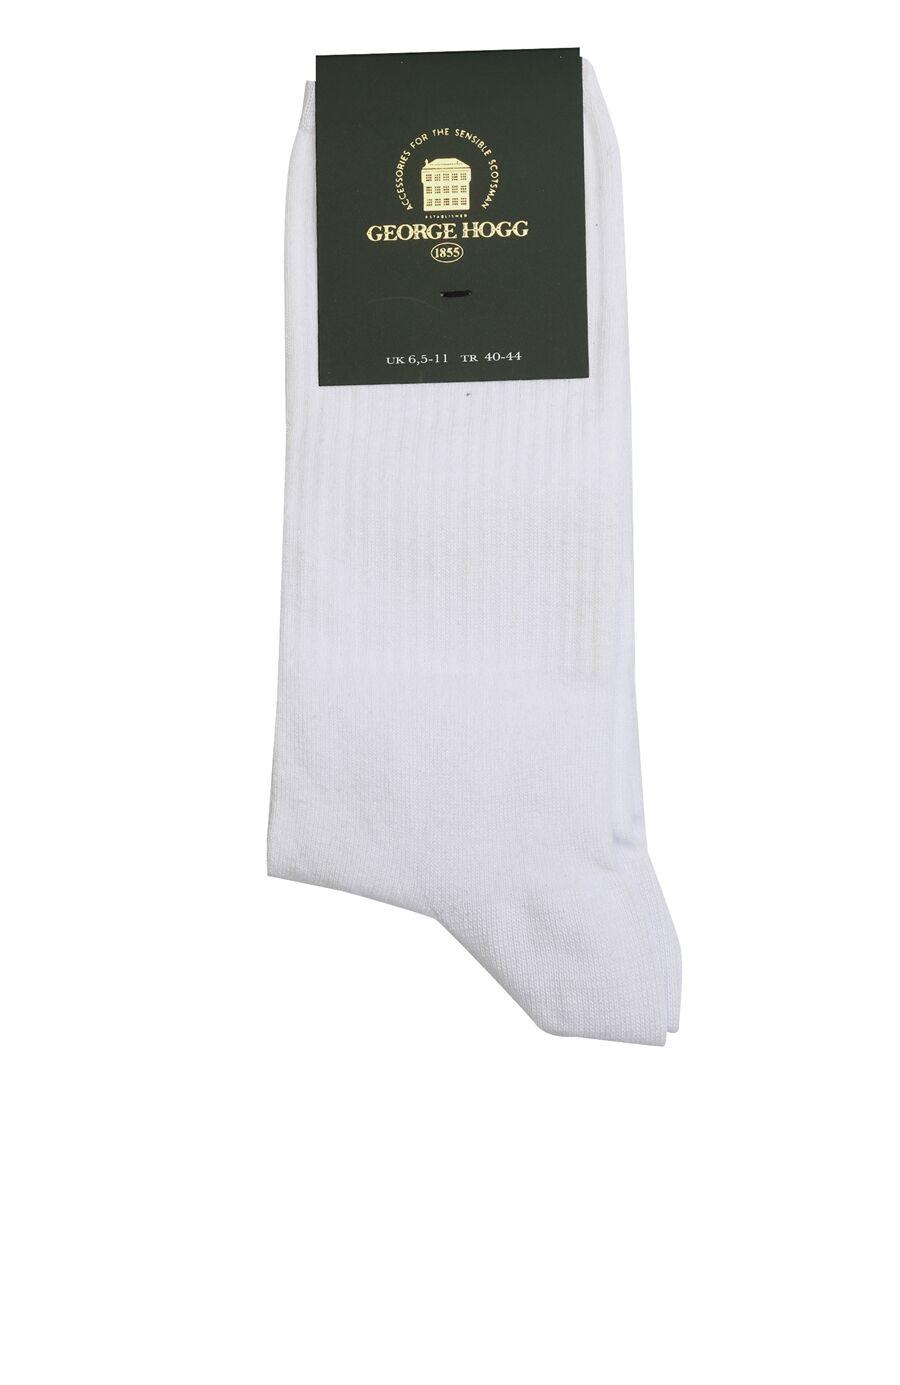 Beyaz Çizgi Dokulu Erkek Çorap